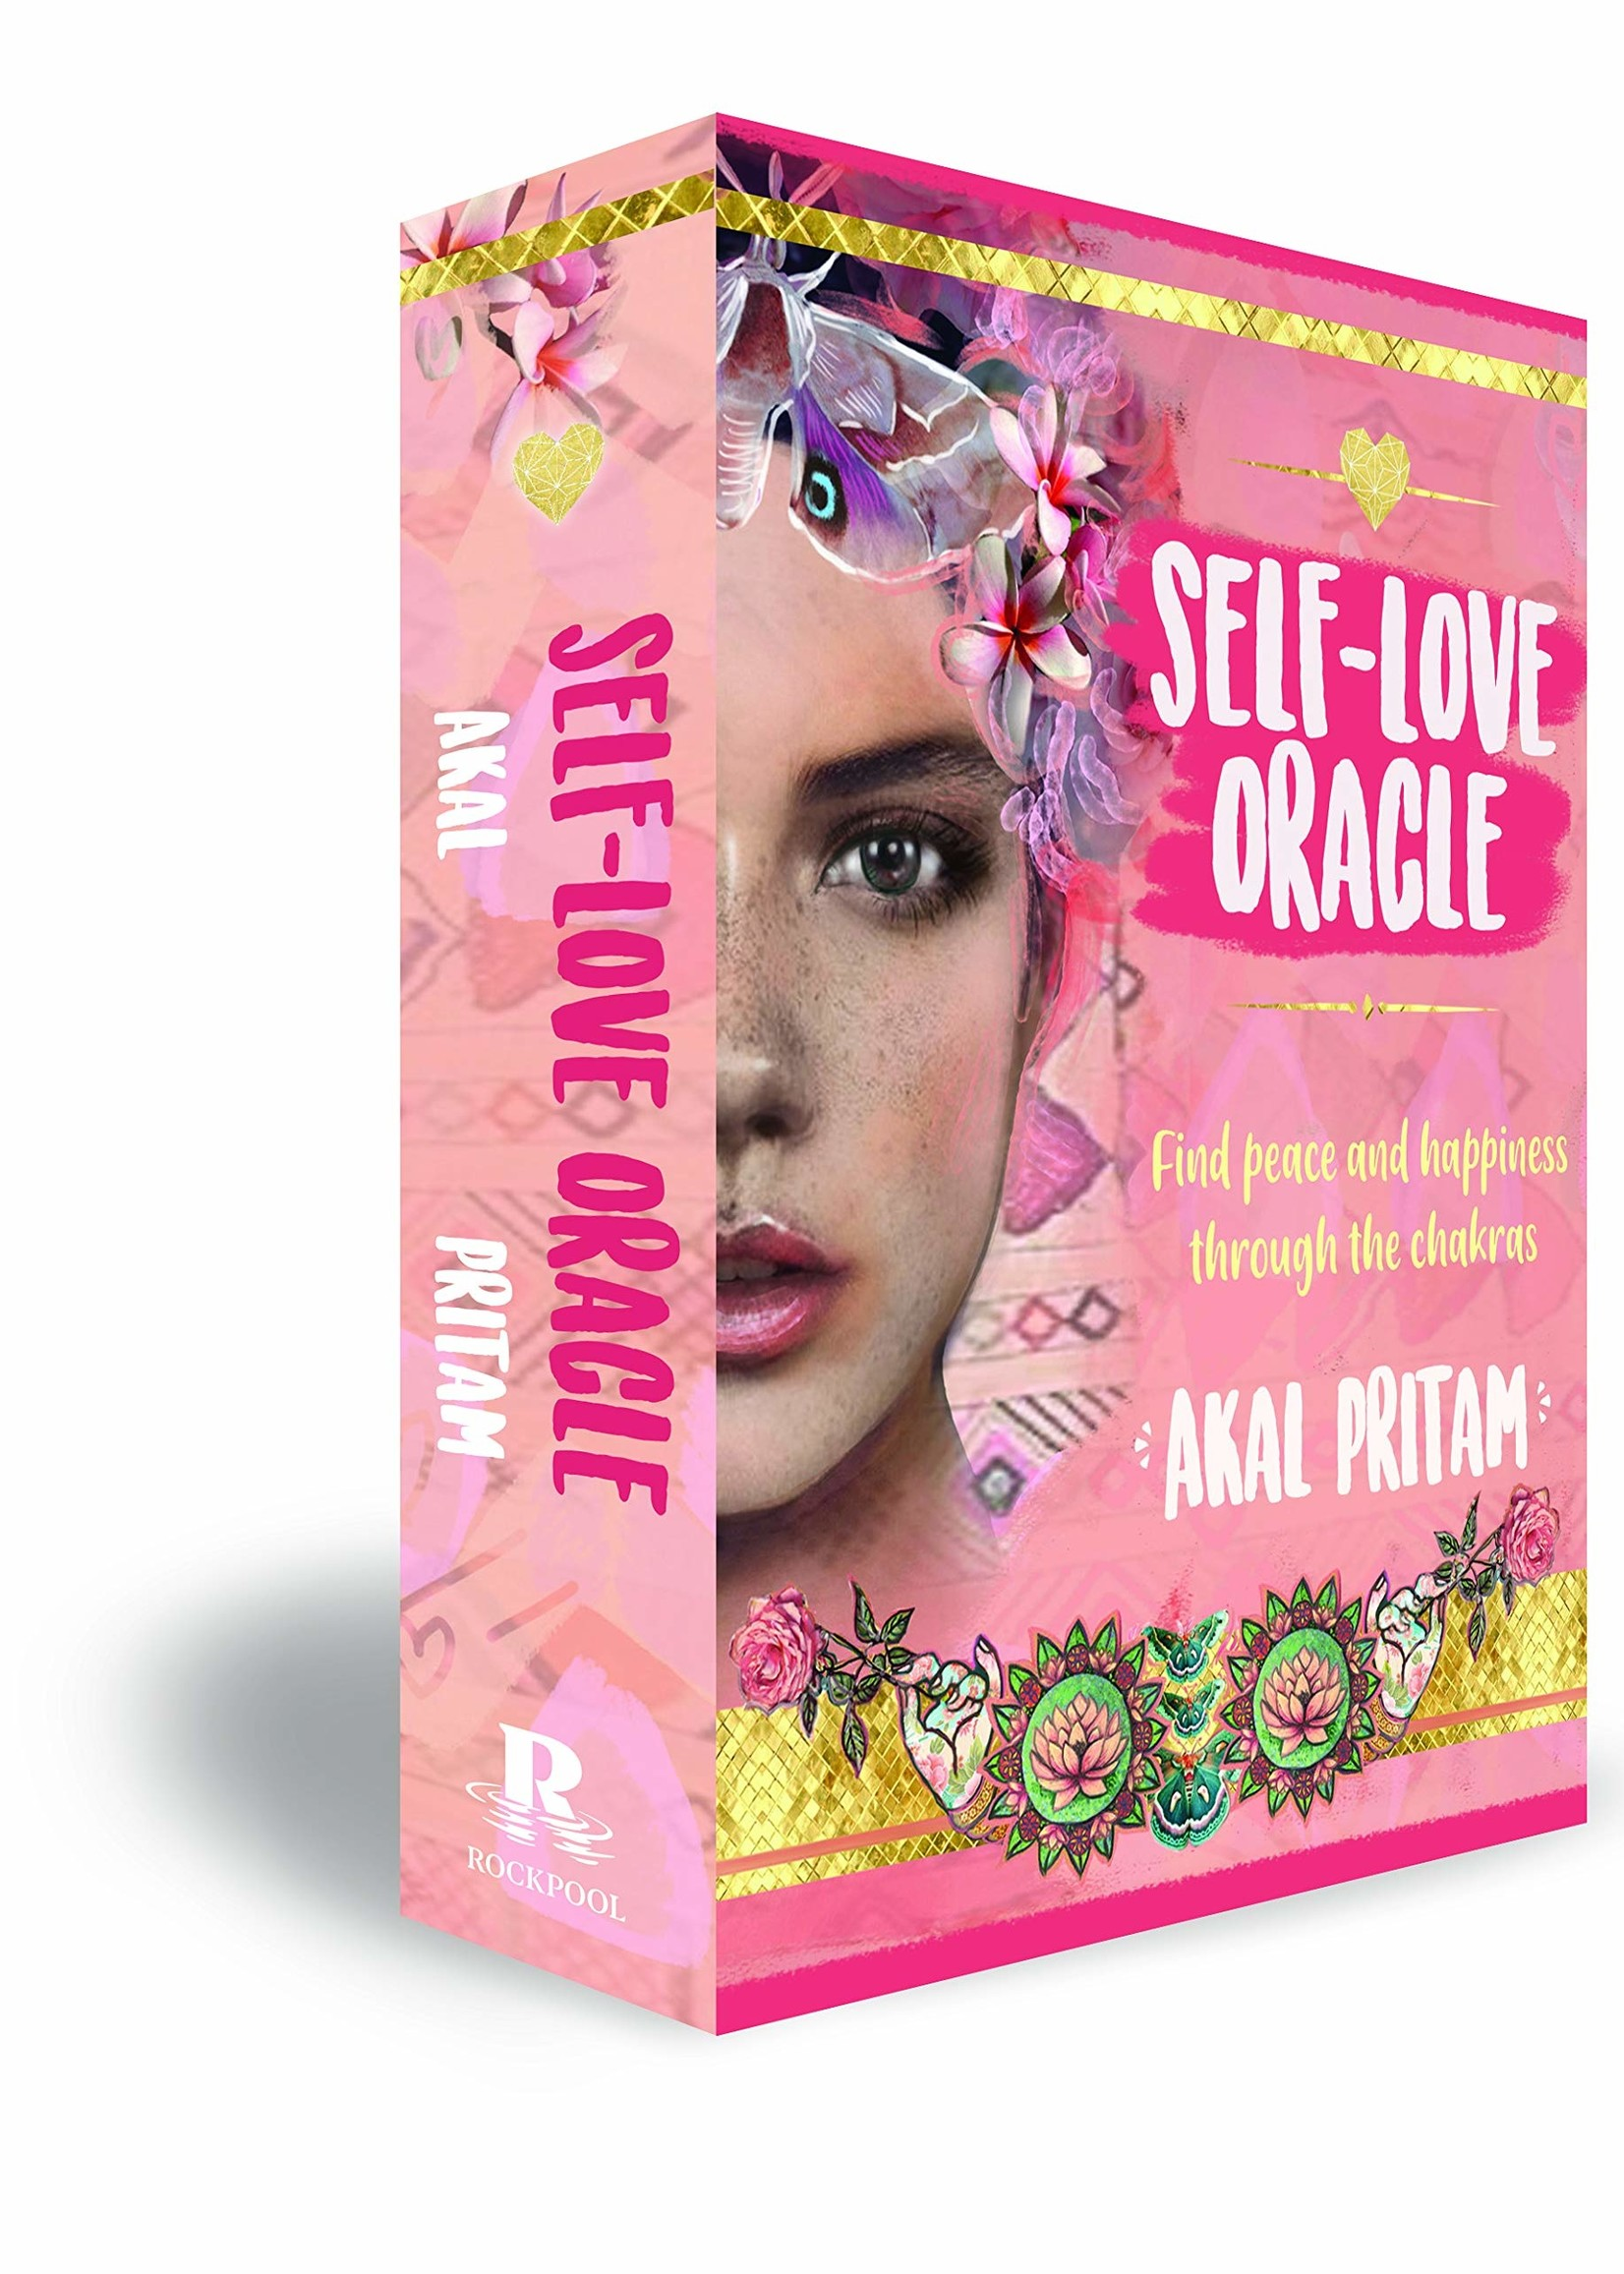 Deck Self-Love Oracle